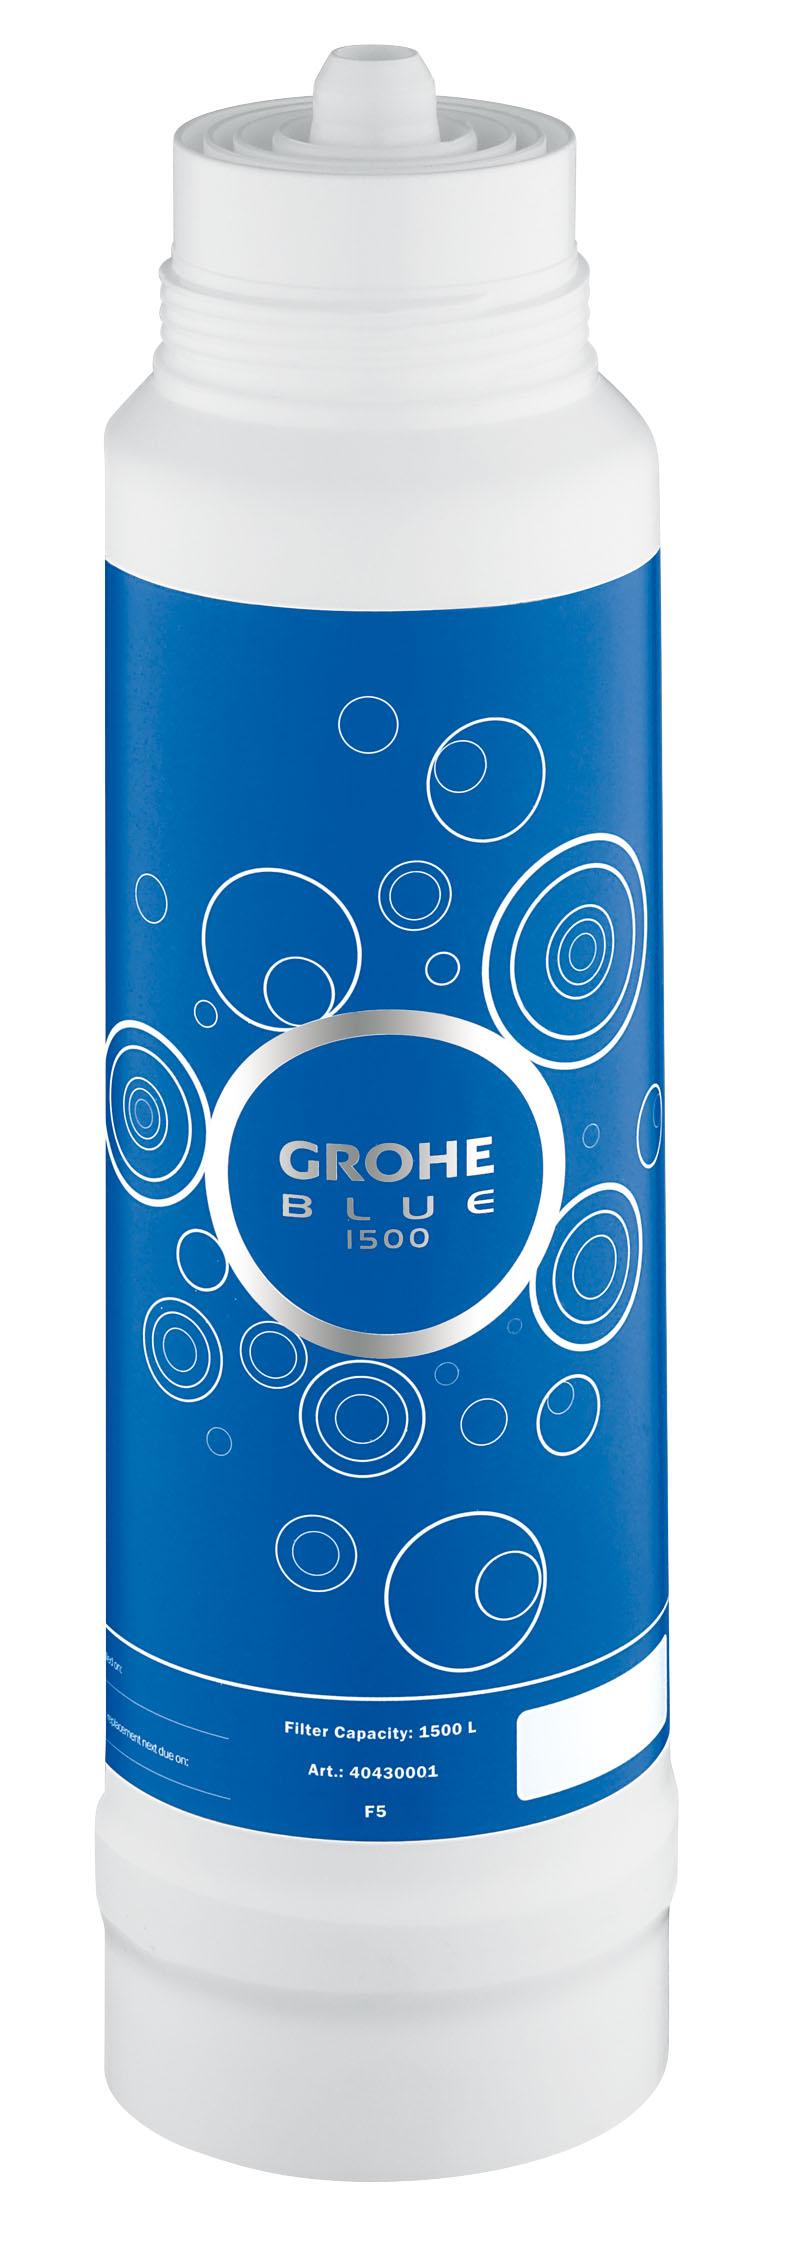 Фильтр сменный для водных систем Grohe Blue, 1500 л. 40430001 купить туалетную воду барбери брит